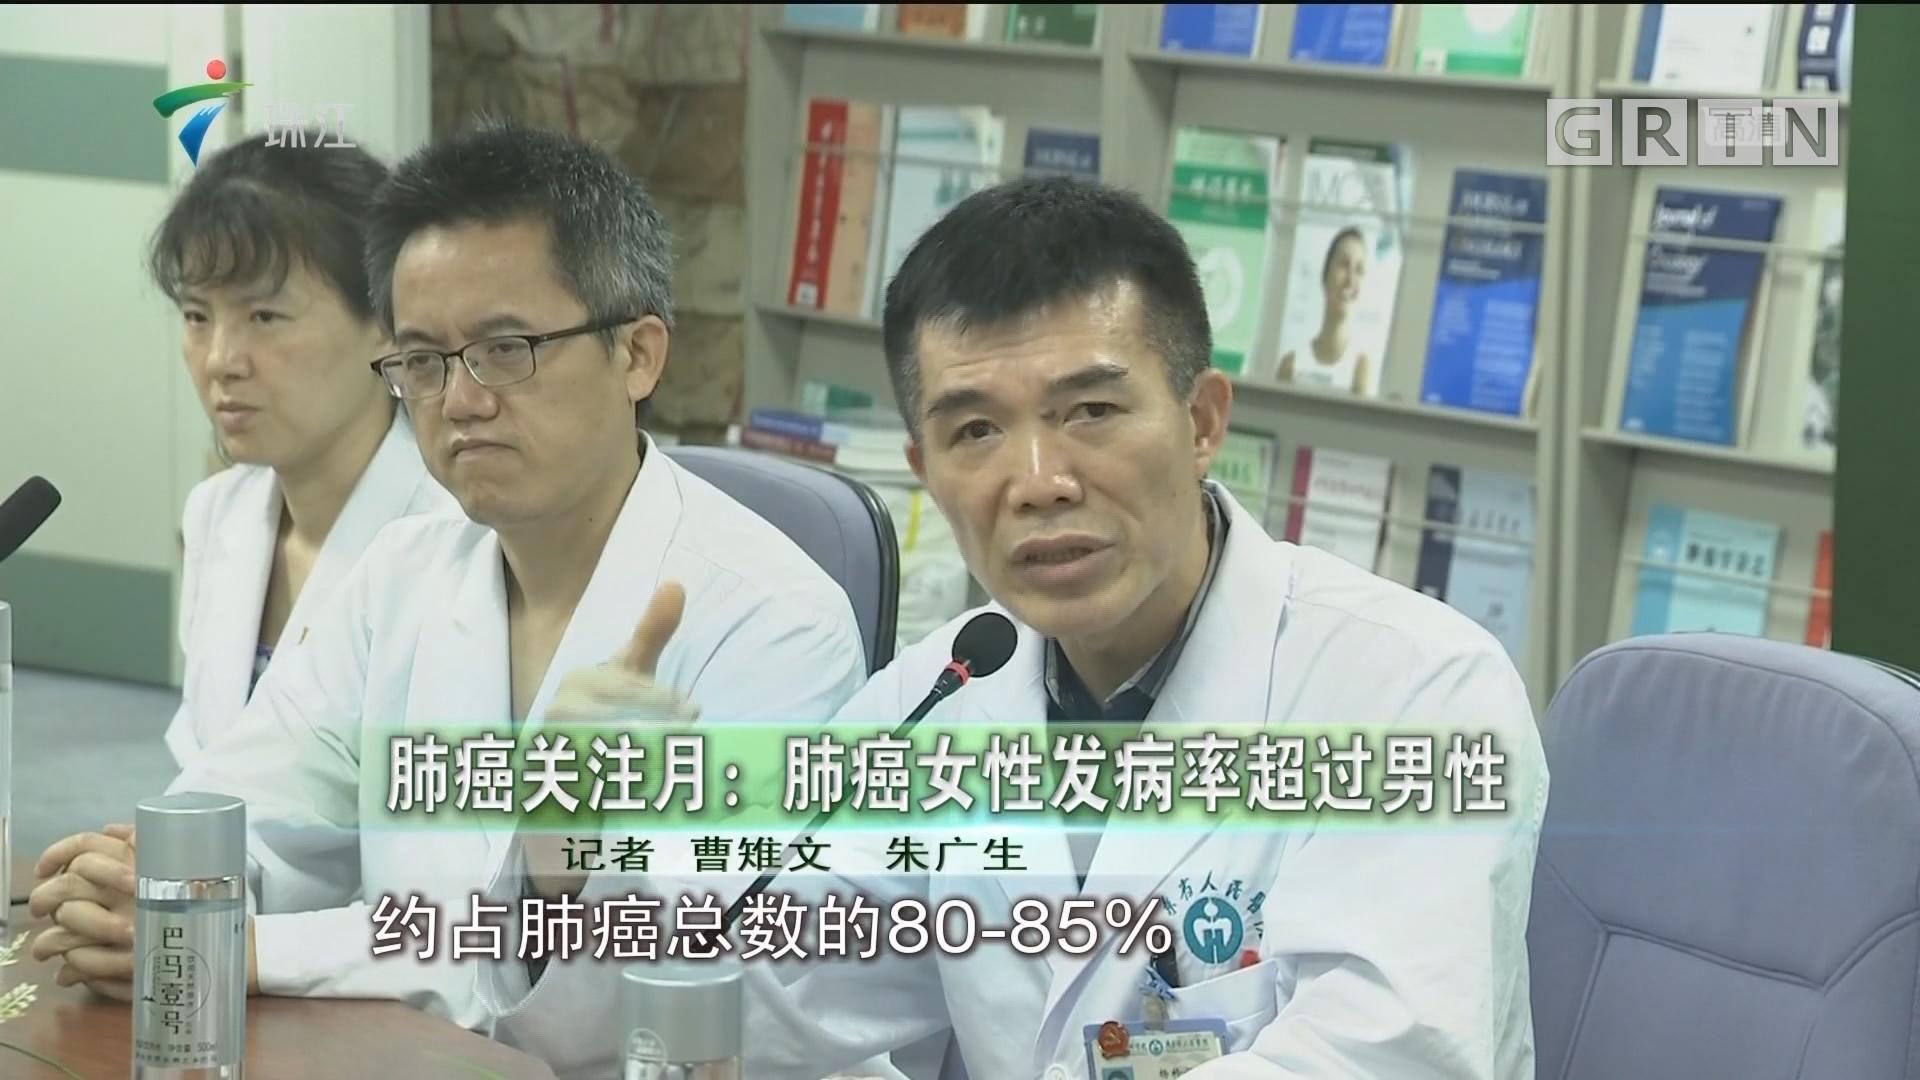 肺癌关注月:肺癌女性发病率超过男性